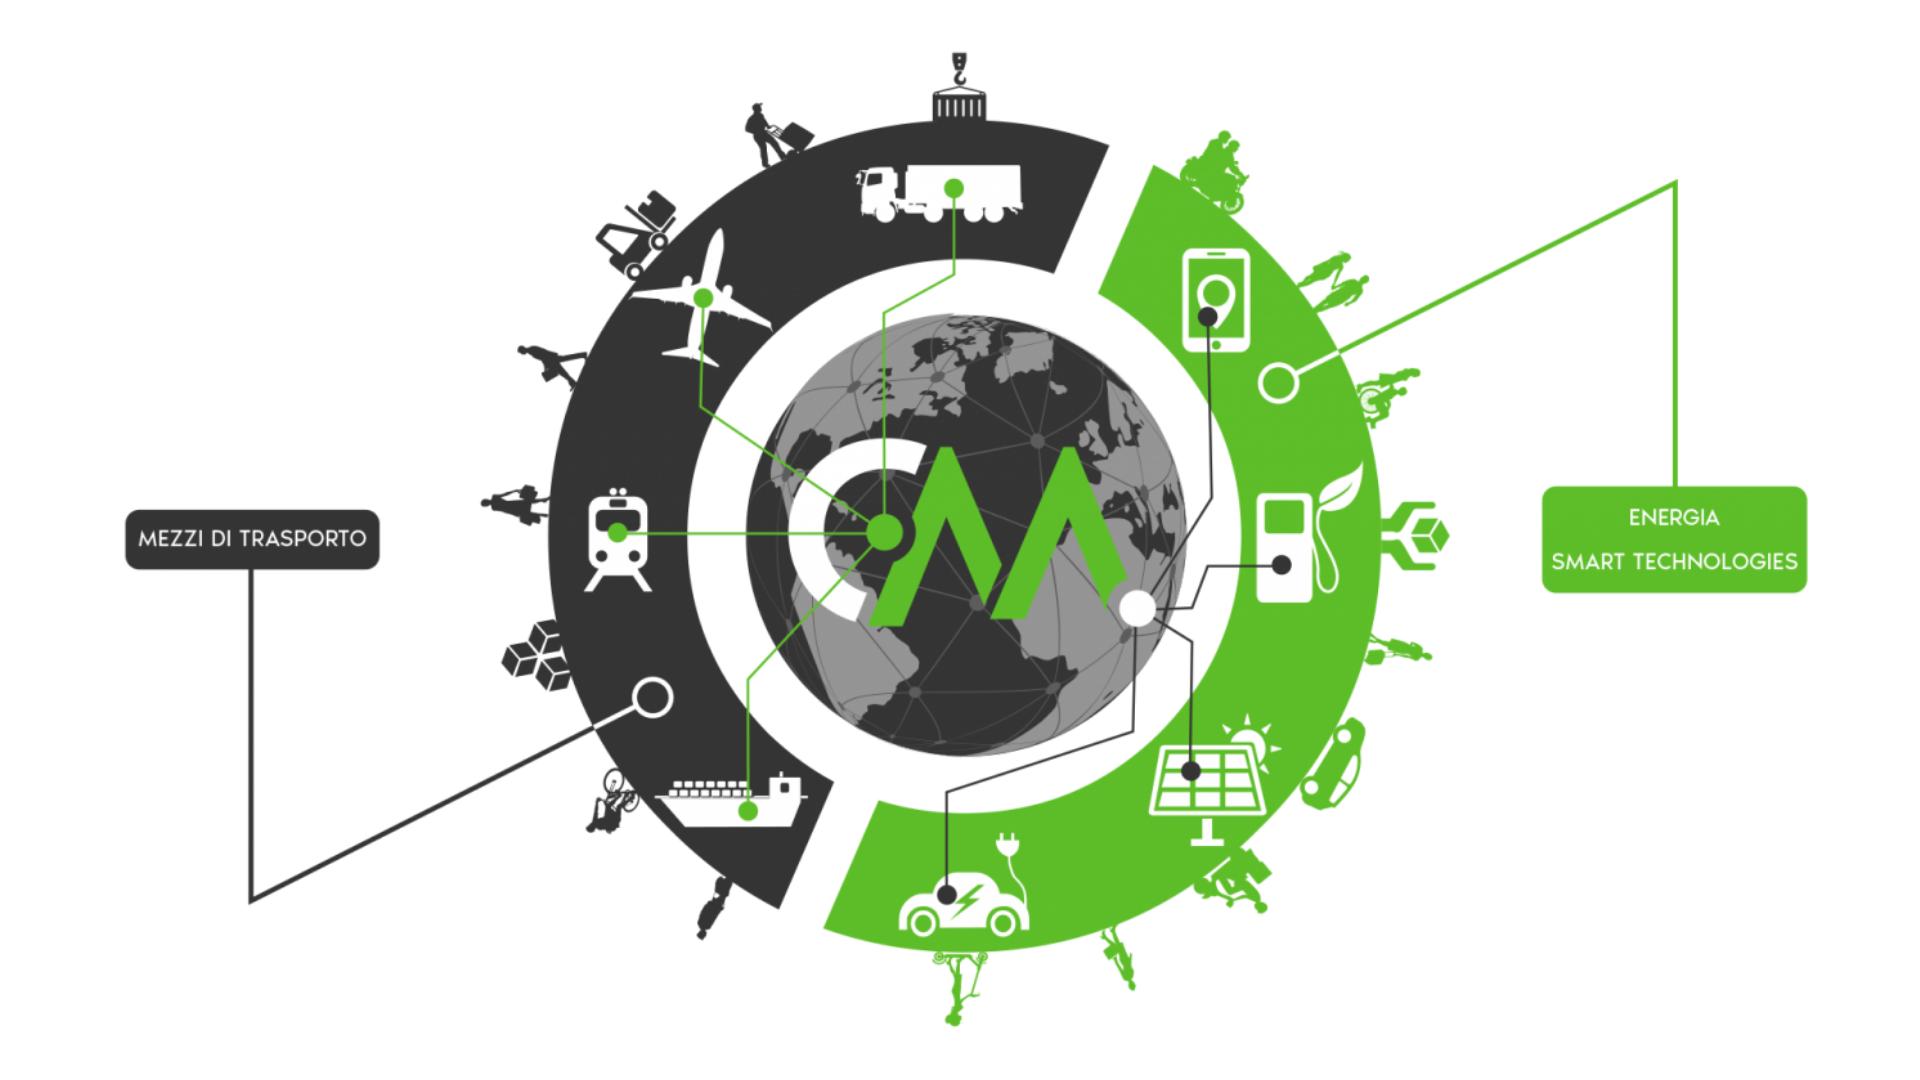 L'aiuto alla mobilità sostenibile arriva da ConfMobility